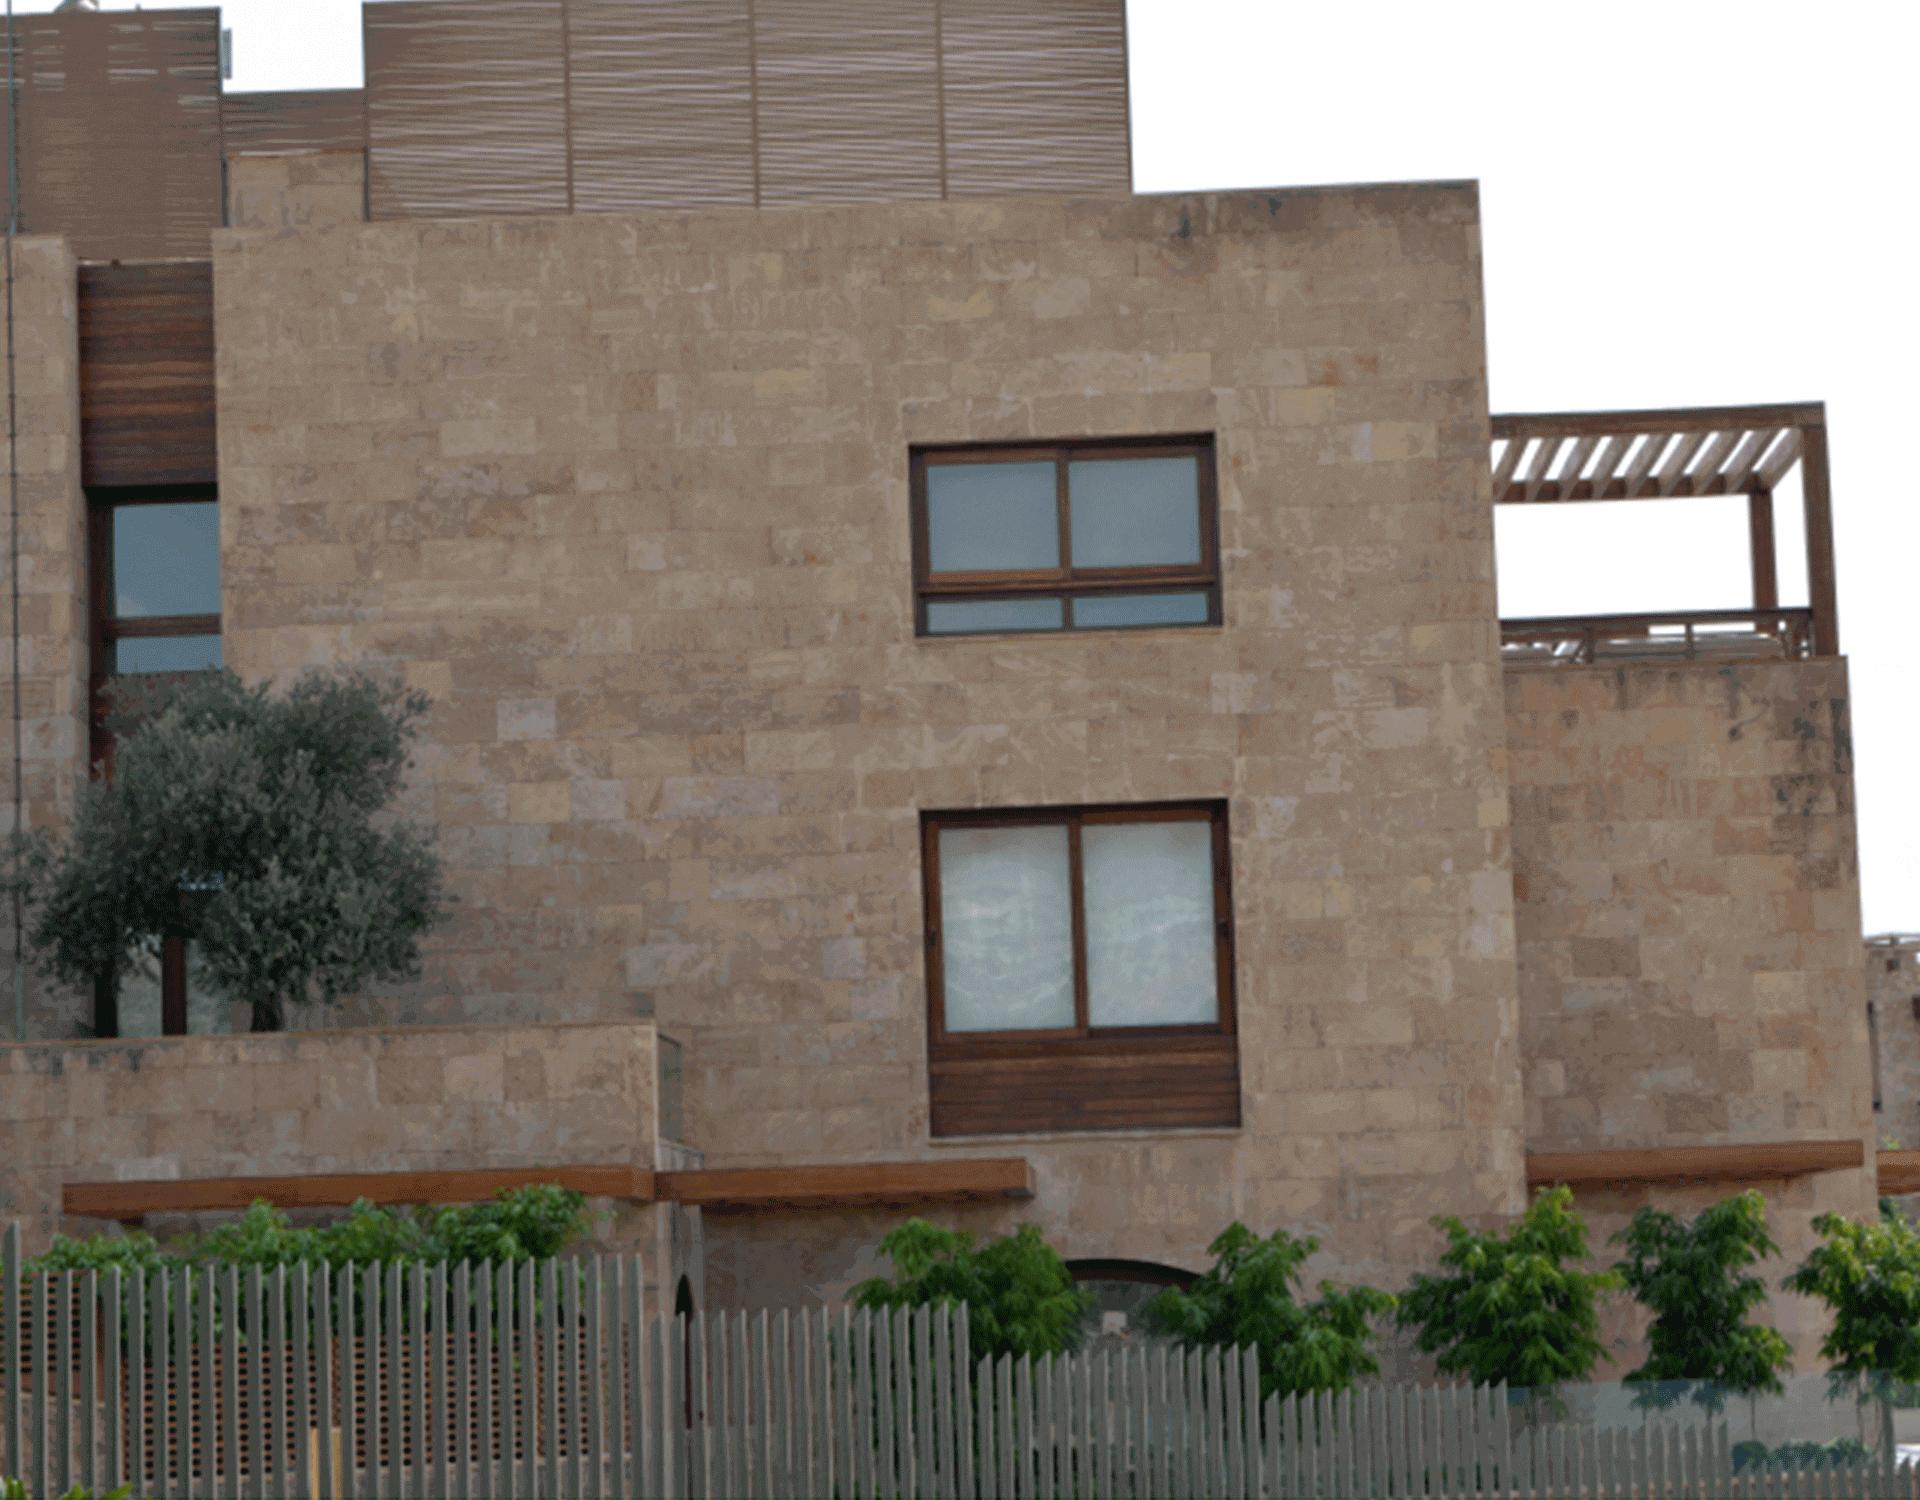 Η Isomat PU συμβάλλει στη στεγάνωση του Byblos Beach Villa Project με υλικά